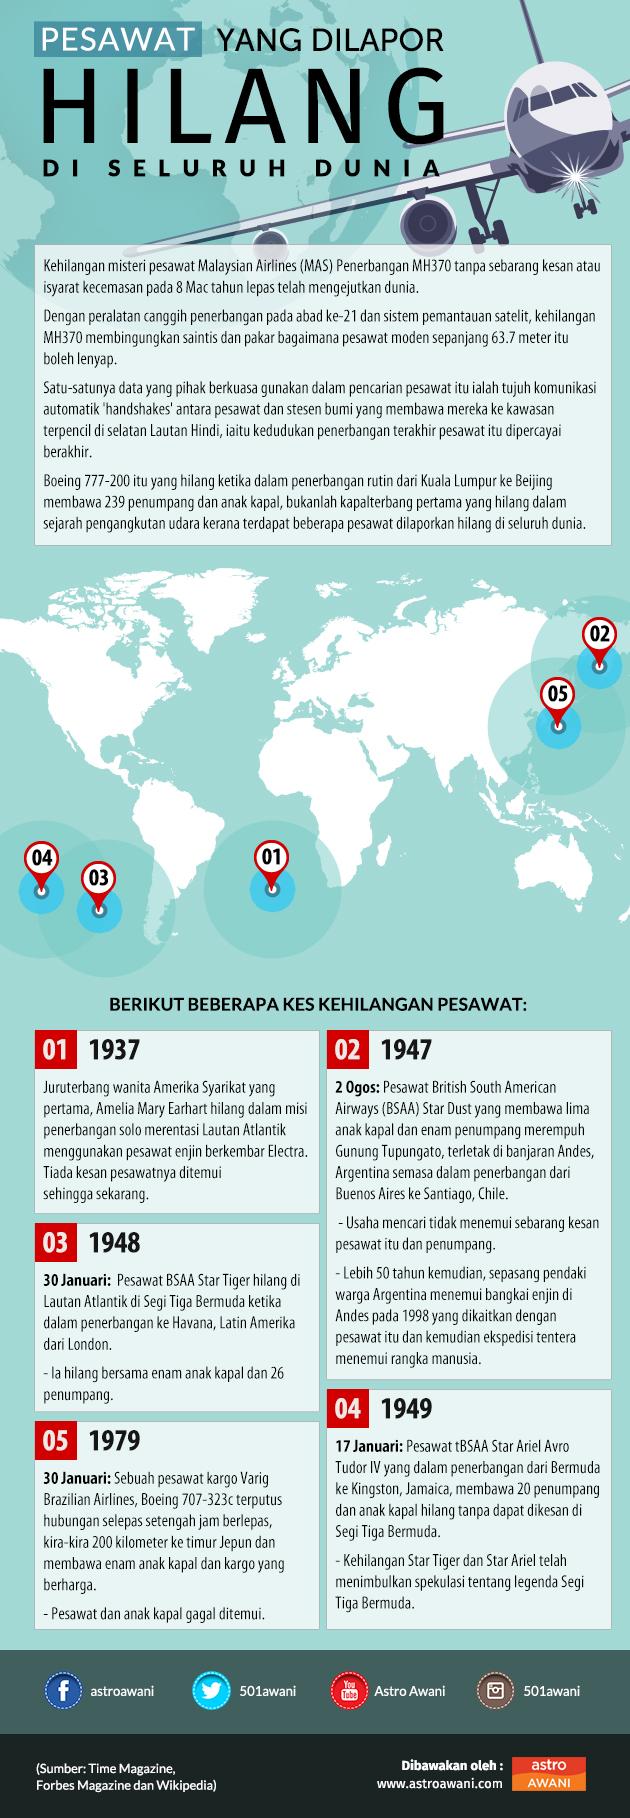 Pesawat yang dilapor hilang di seluruh dunia